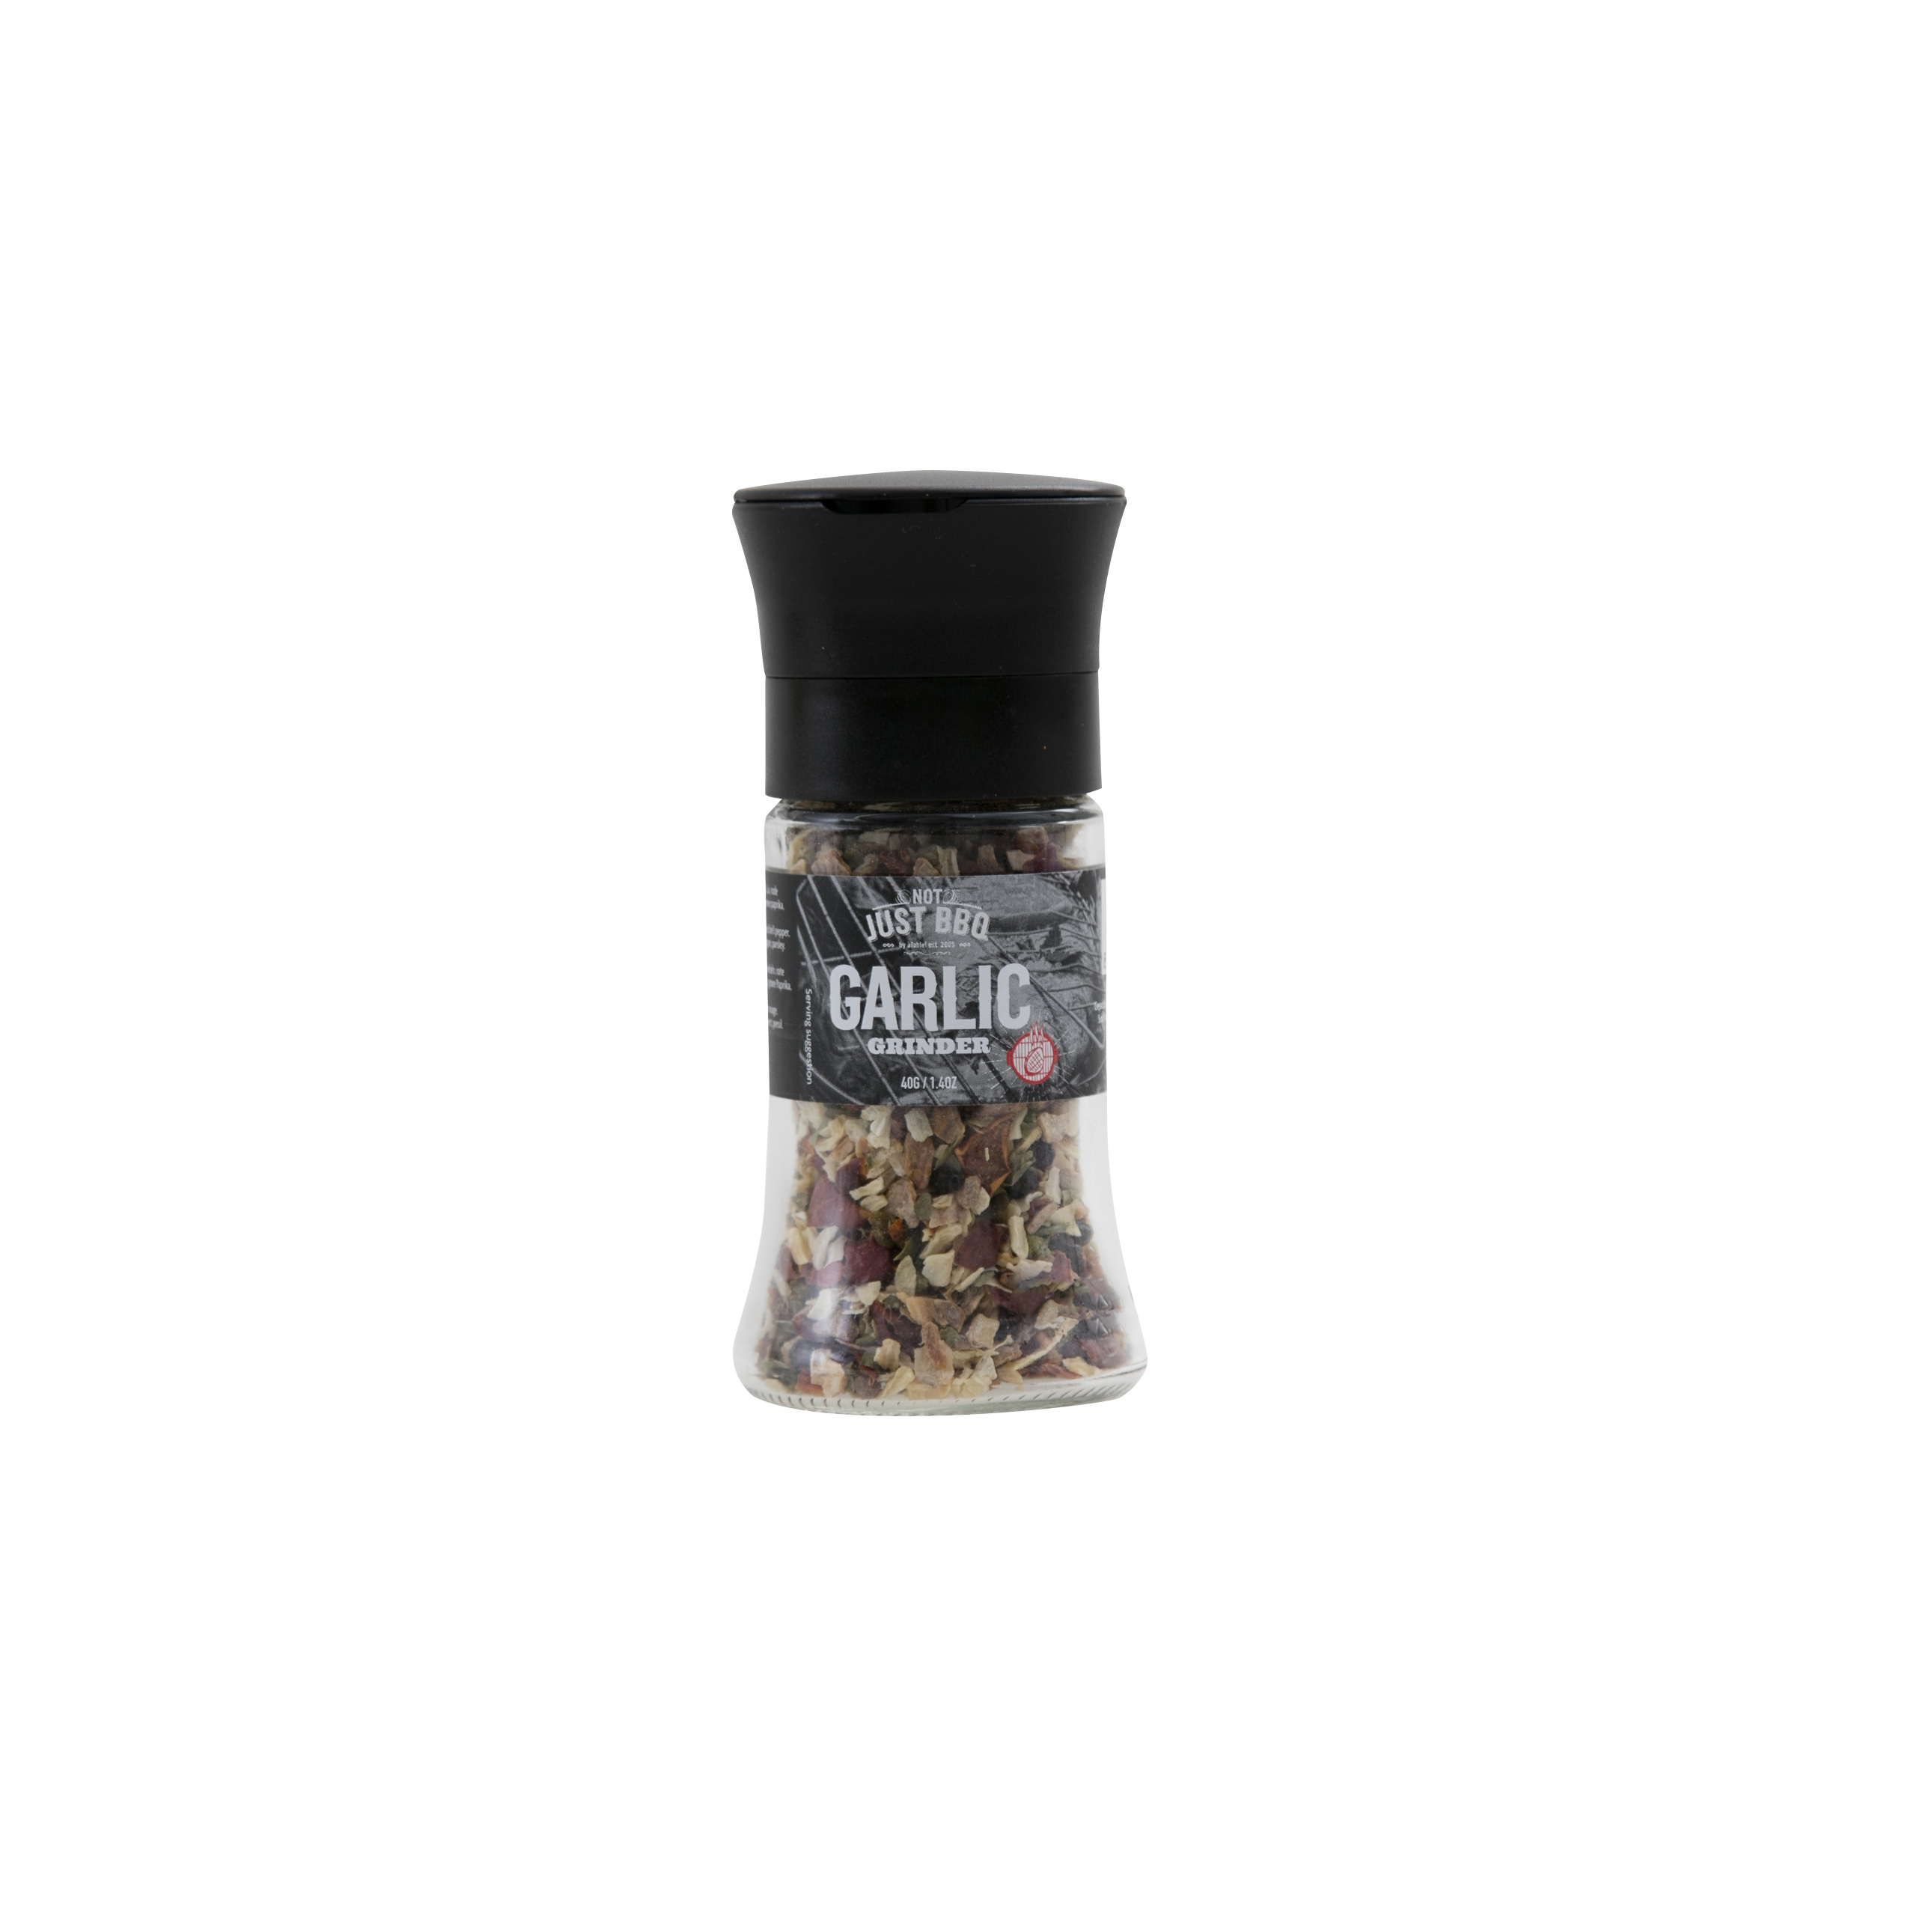 Garlic Grinder 40g